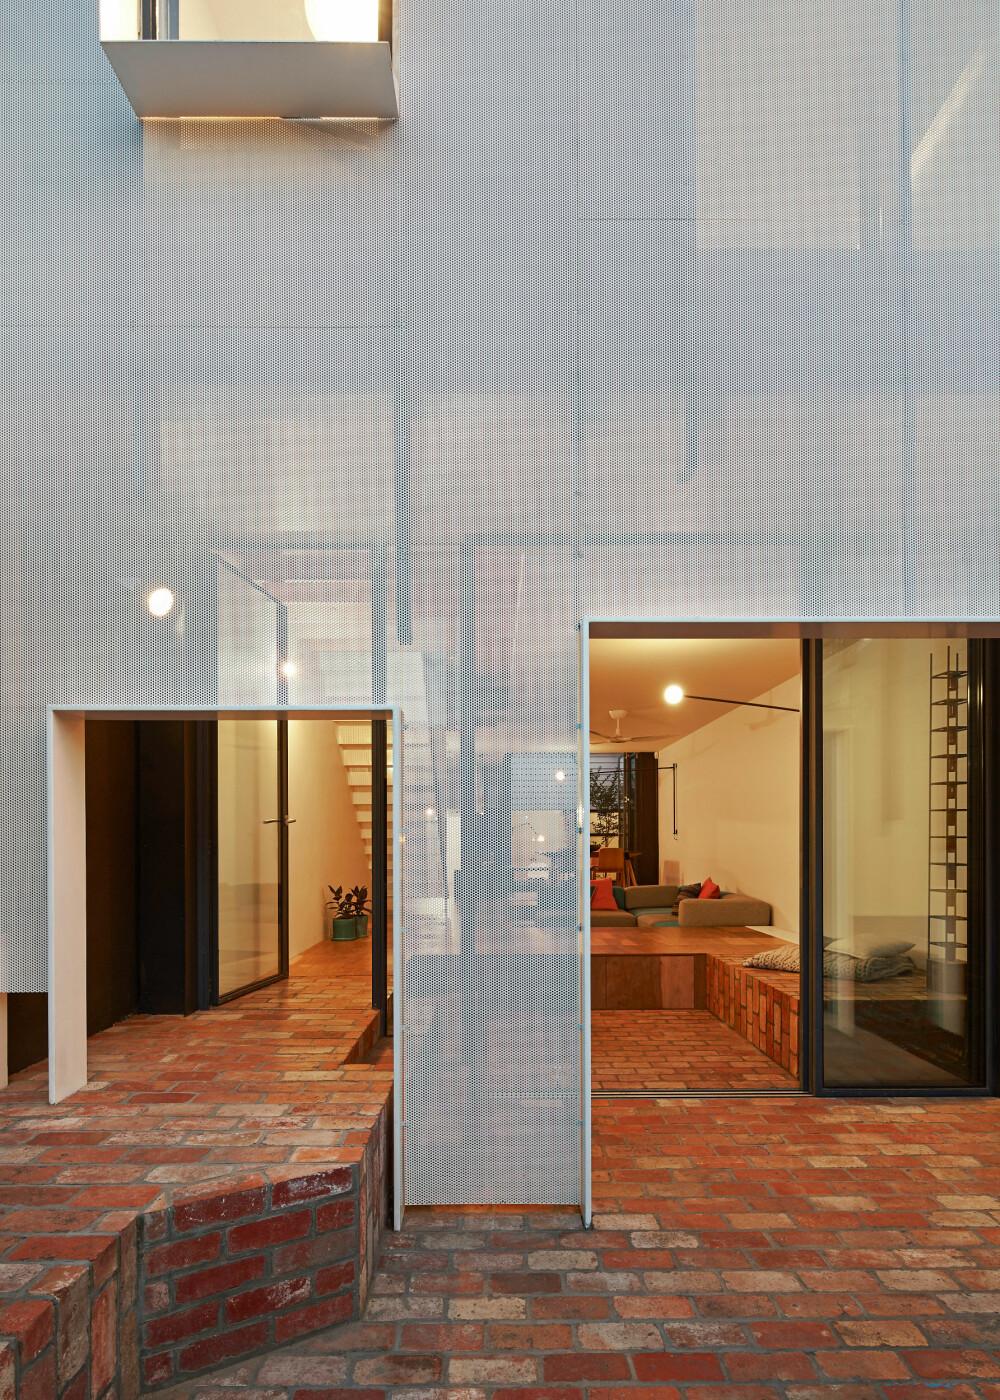 LUFTIG: Metallkledning er ikke lagt direkte utenpå fasaden, men plassert med en avstand til den bakenforliggende veggen. Det skaper en svalende luftighet i rommene bak.